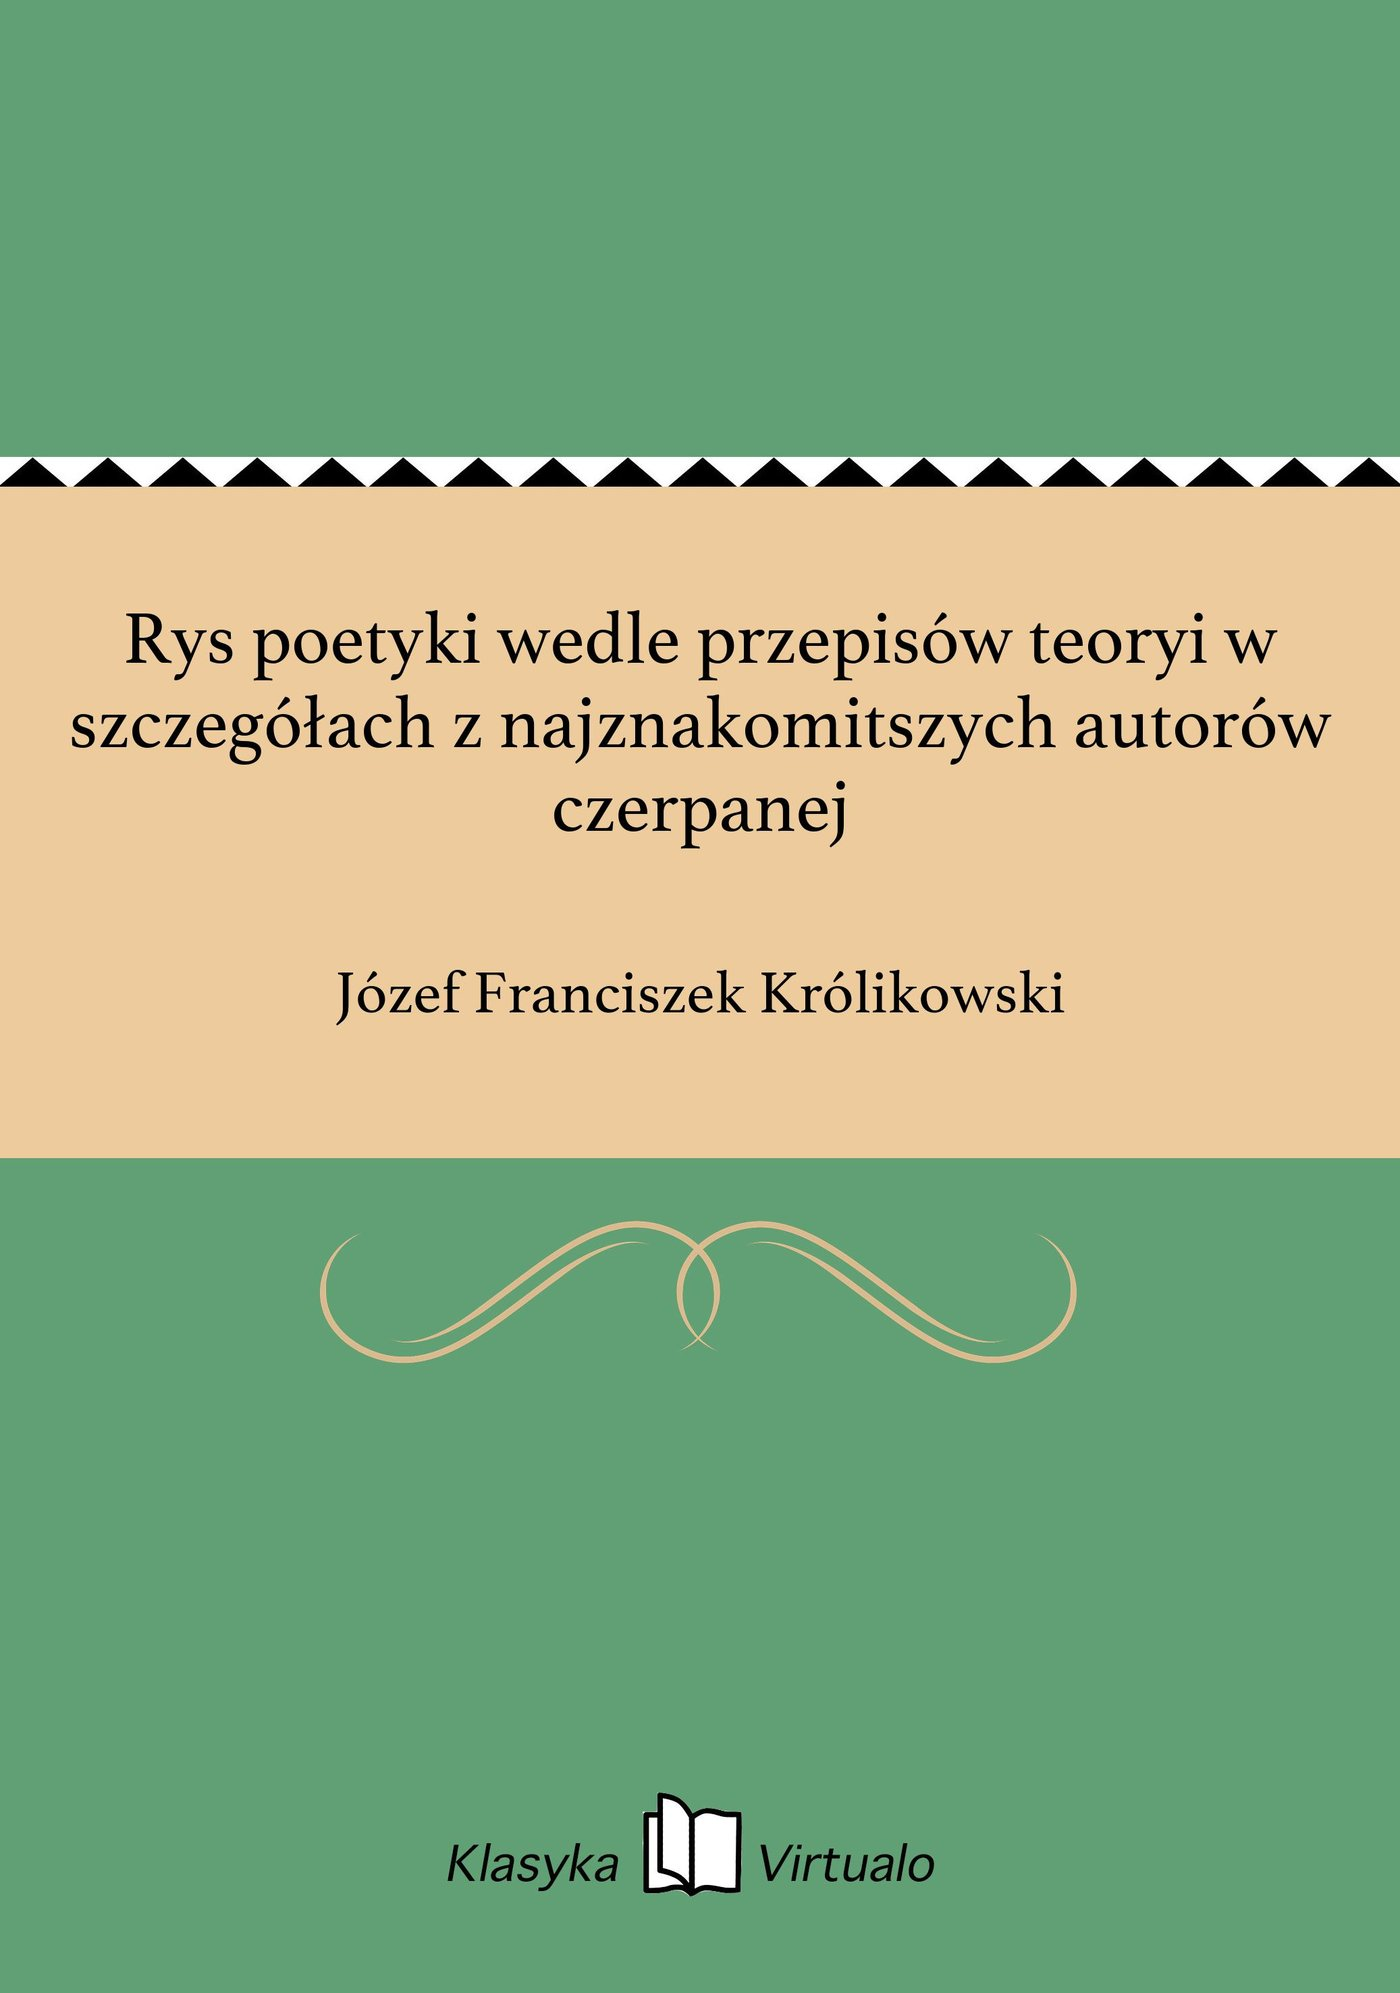 Rys poetyki wedle przepisów teoryi w szczegółach z najznakomitszych autorów czerpanej - Ebook (Książka EPUB) do pobrania w formacie EPUB